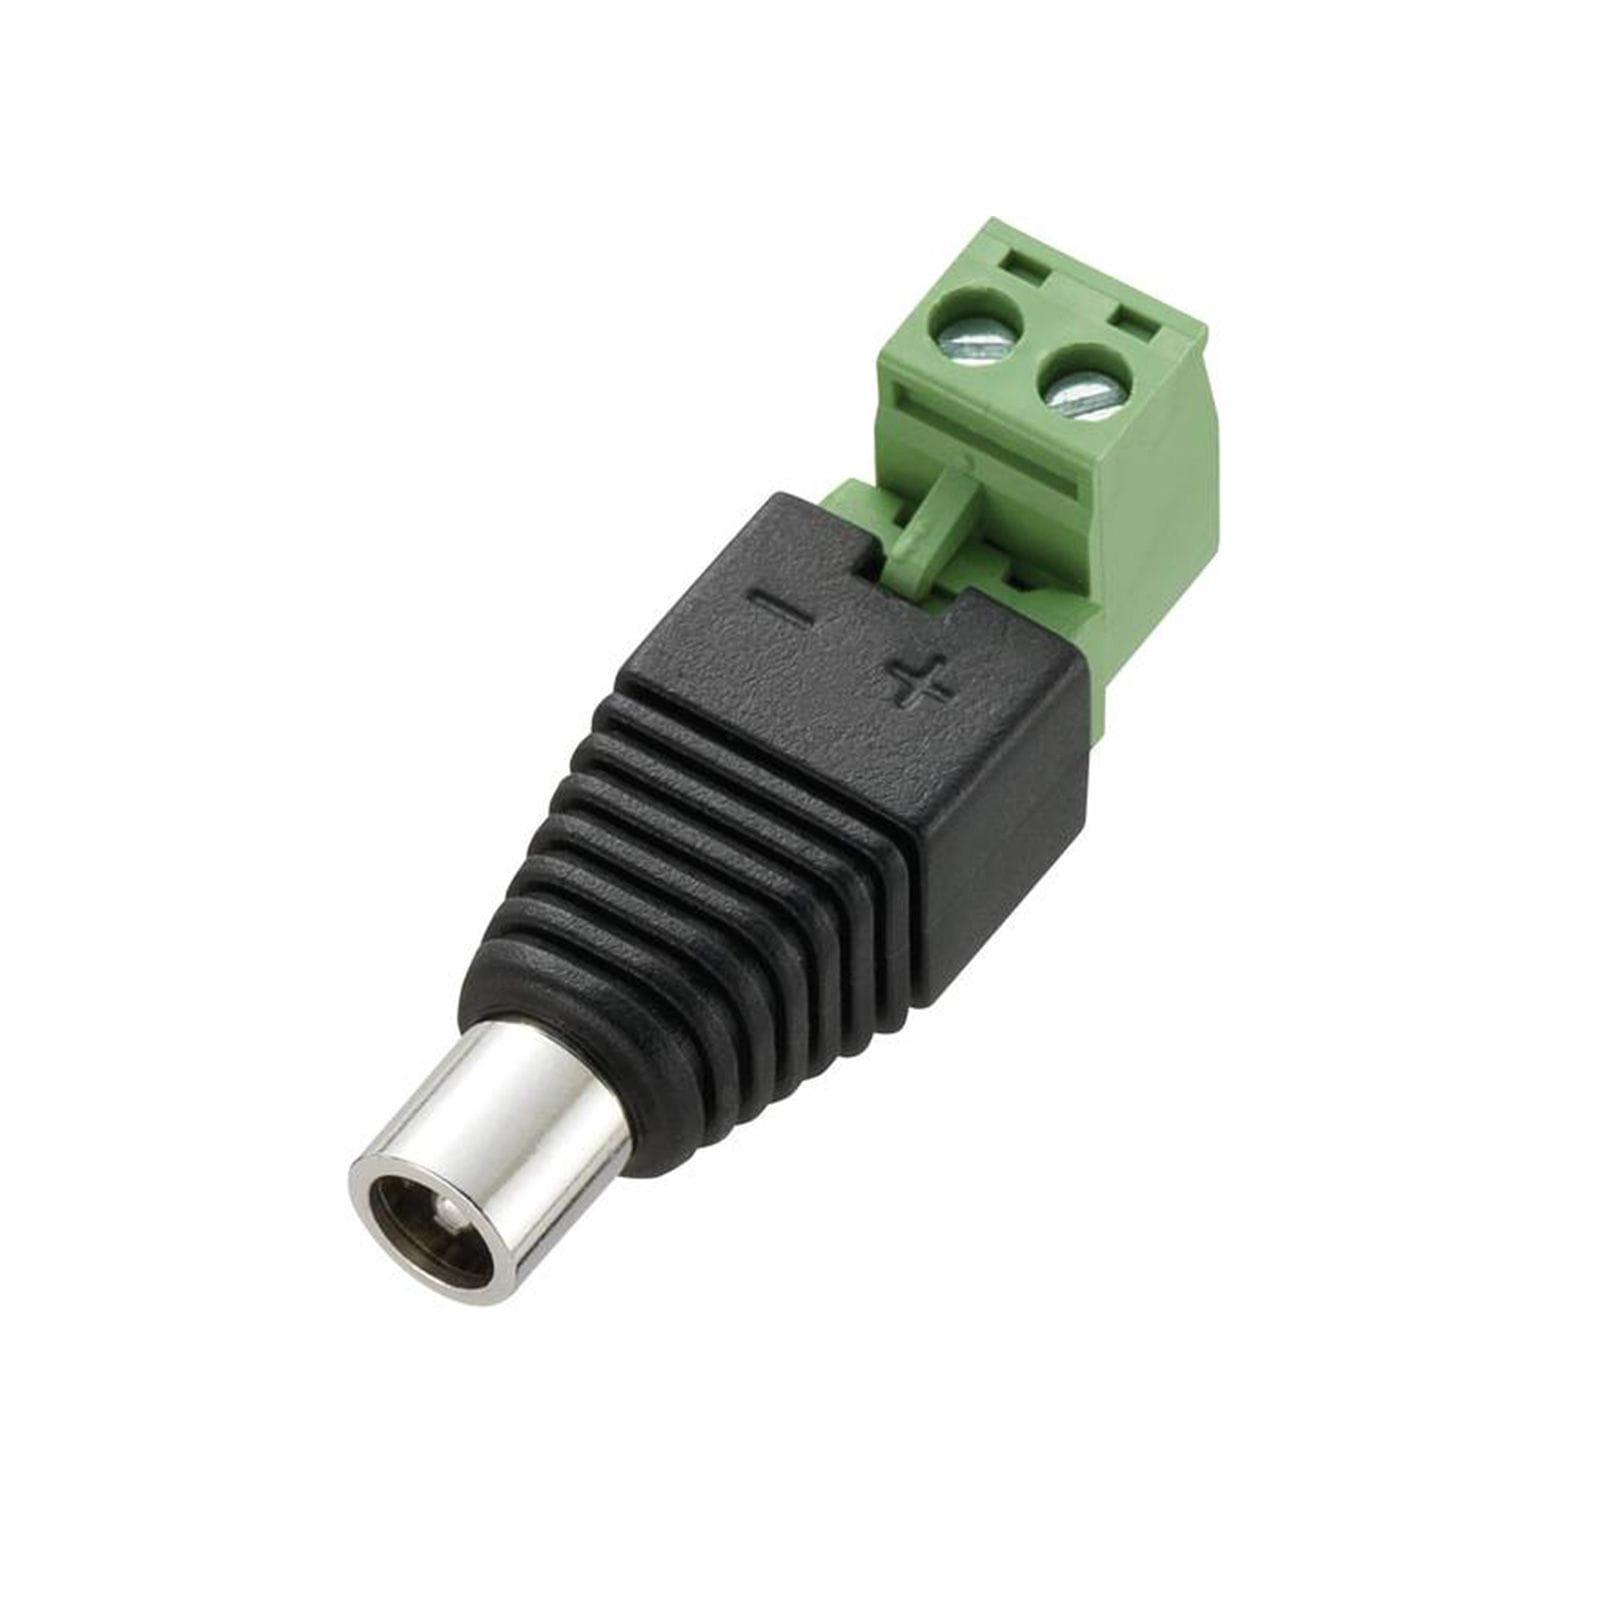 Connecteur électrique | Jack femelle | Angle droit | À visser